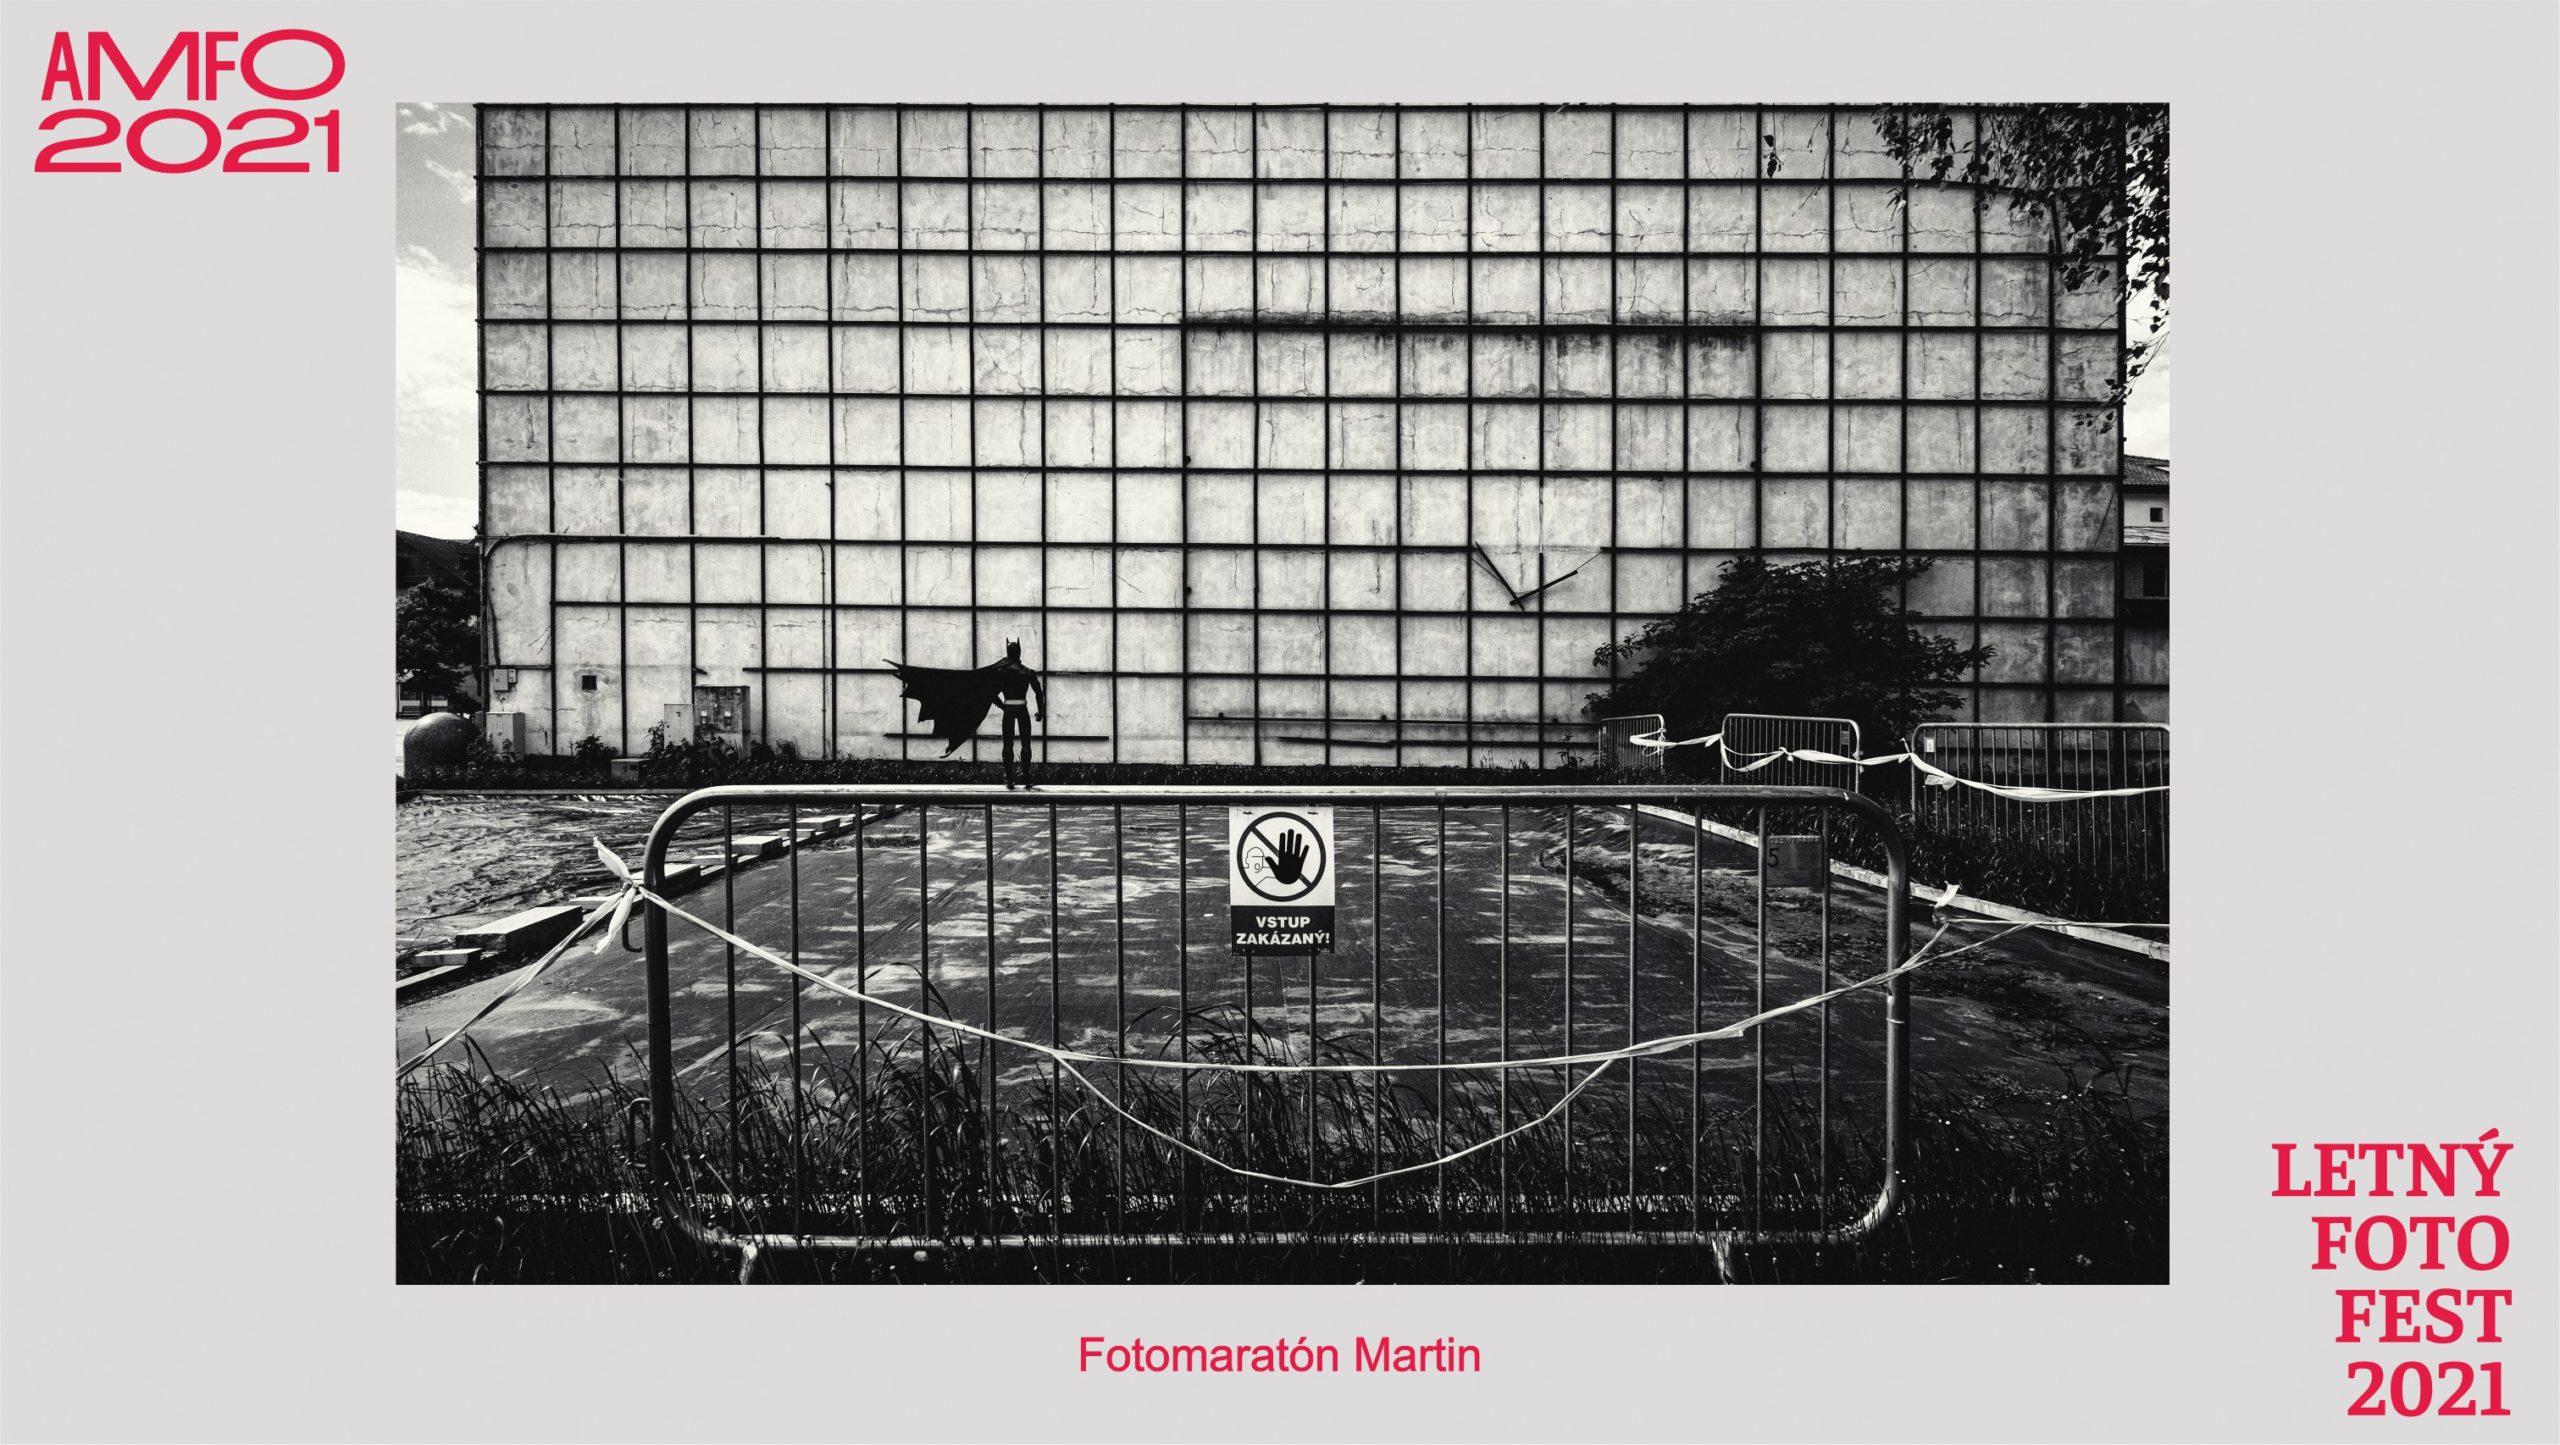 Letný foto fest – Fotomaratón Martin – virtuálna galéria